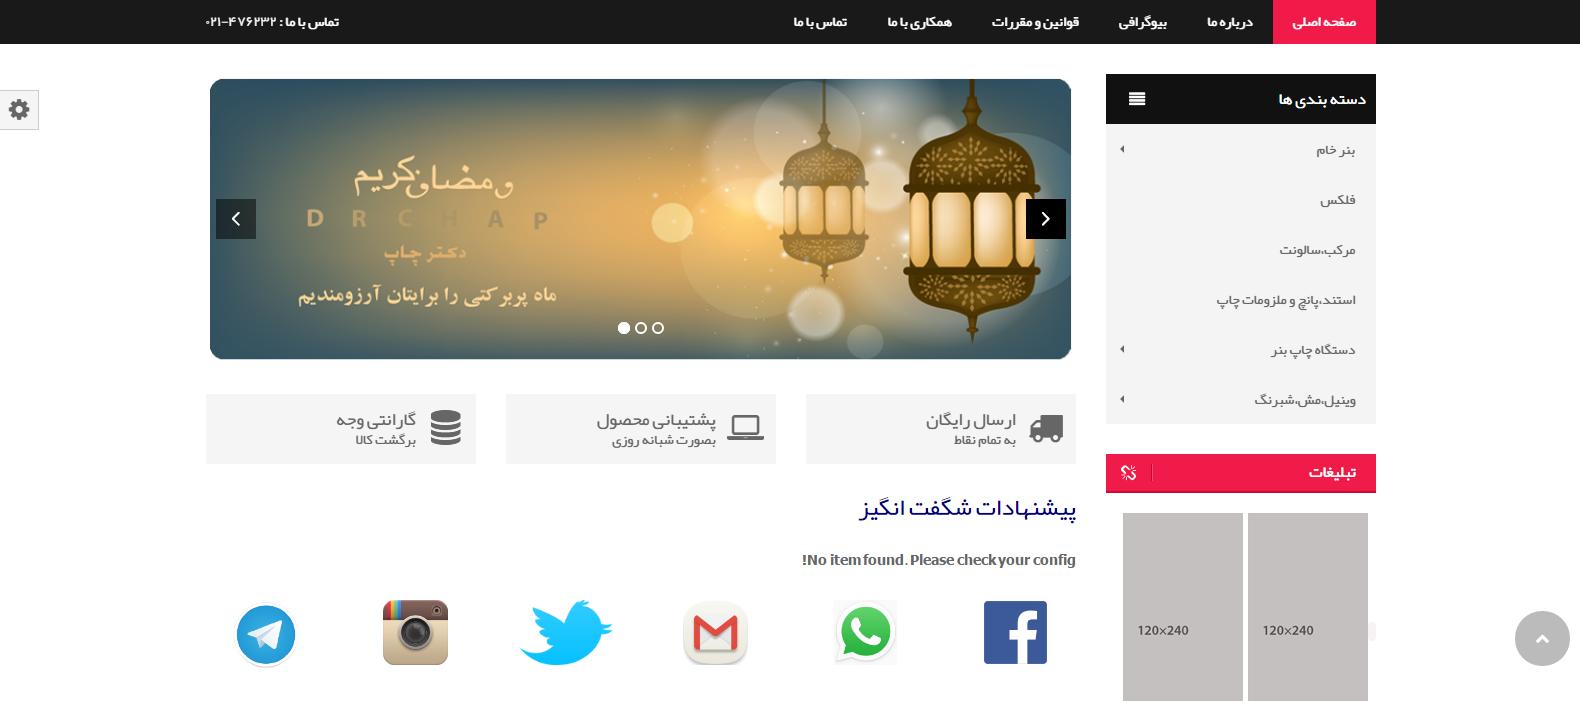 home page دکتر چاپ